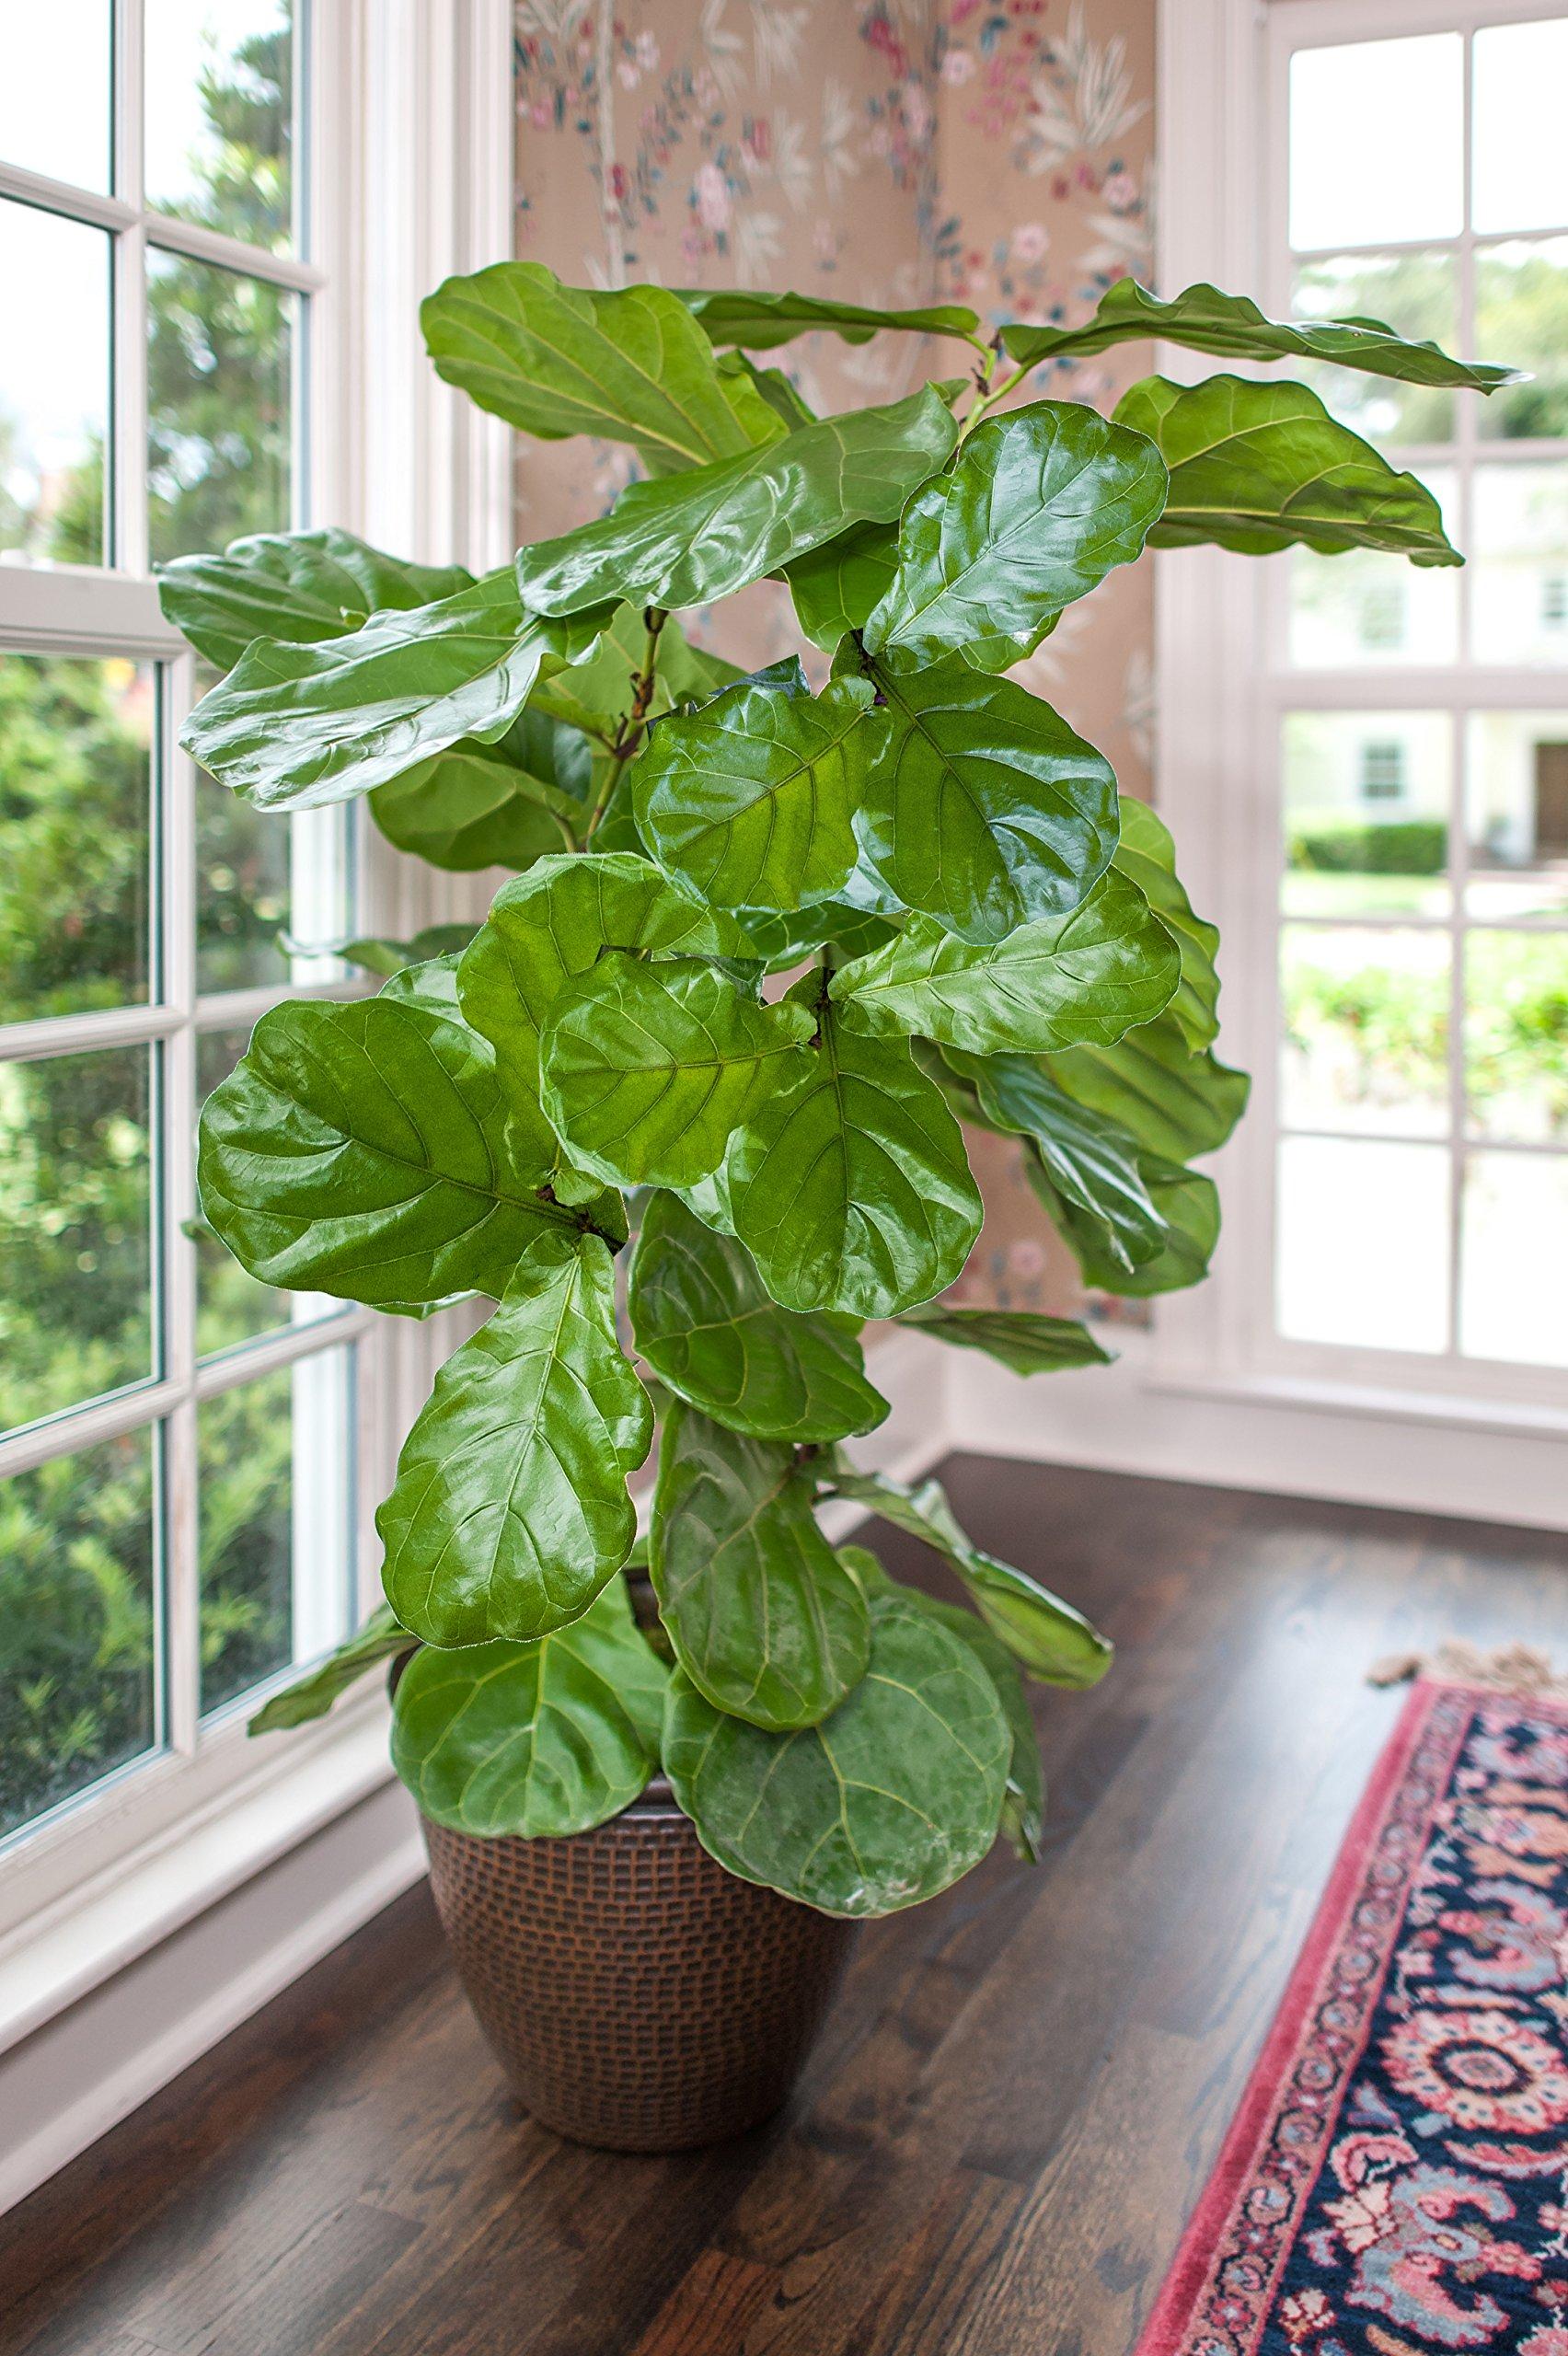 Ficus Lyrata - 'Fiddle Leaf Fig' Tree - Houseplant